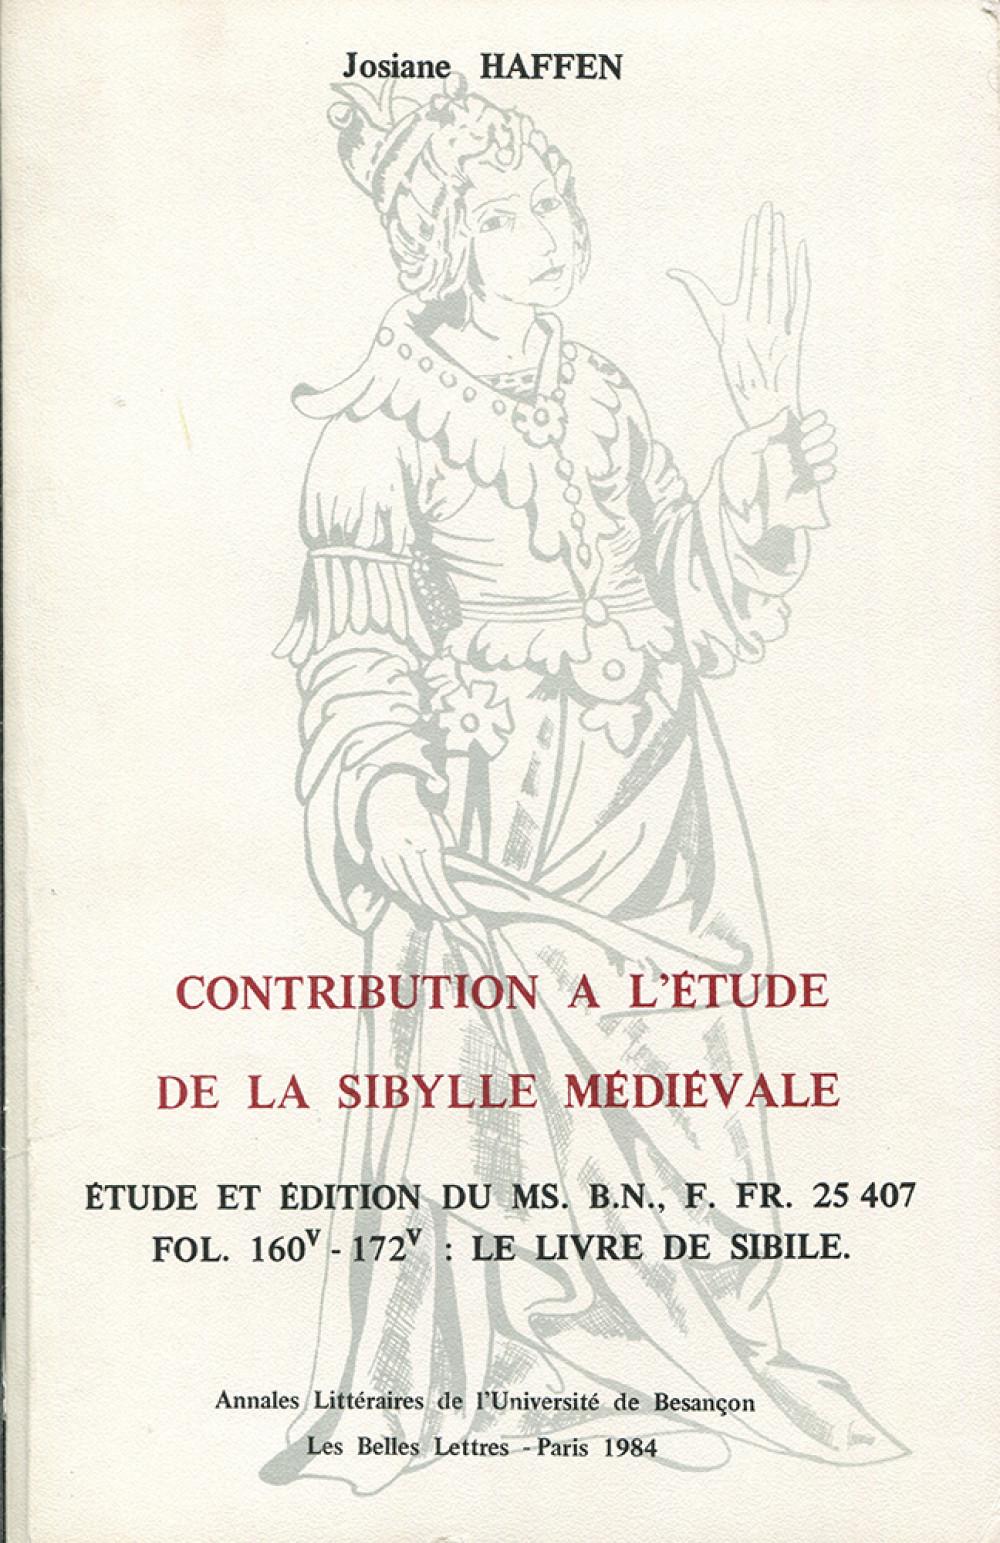 Contribution à l'étude de la Sibylle médiévale